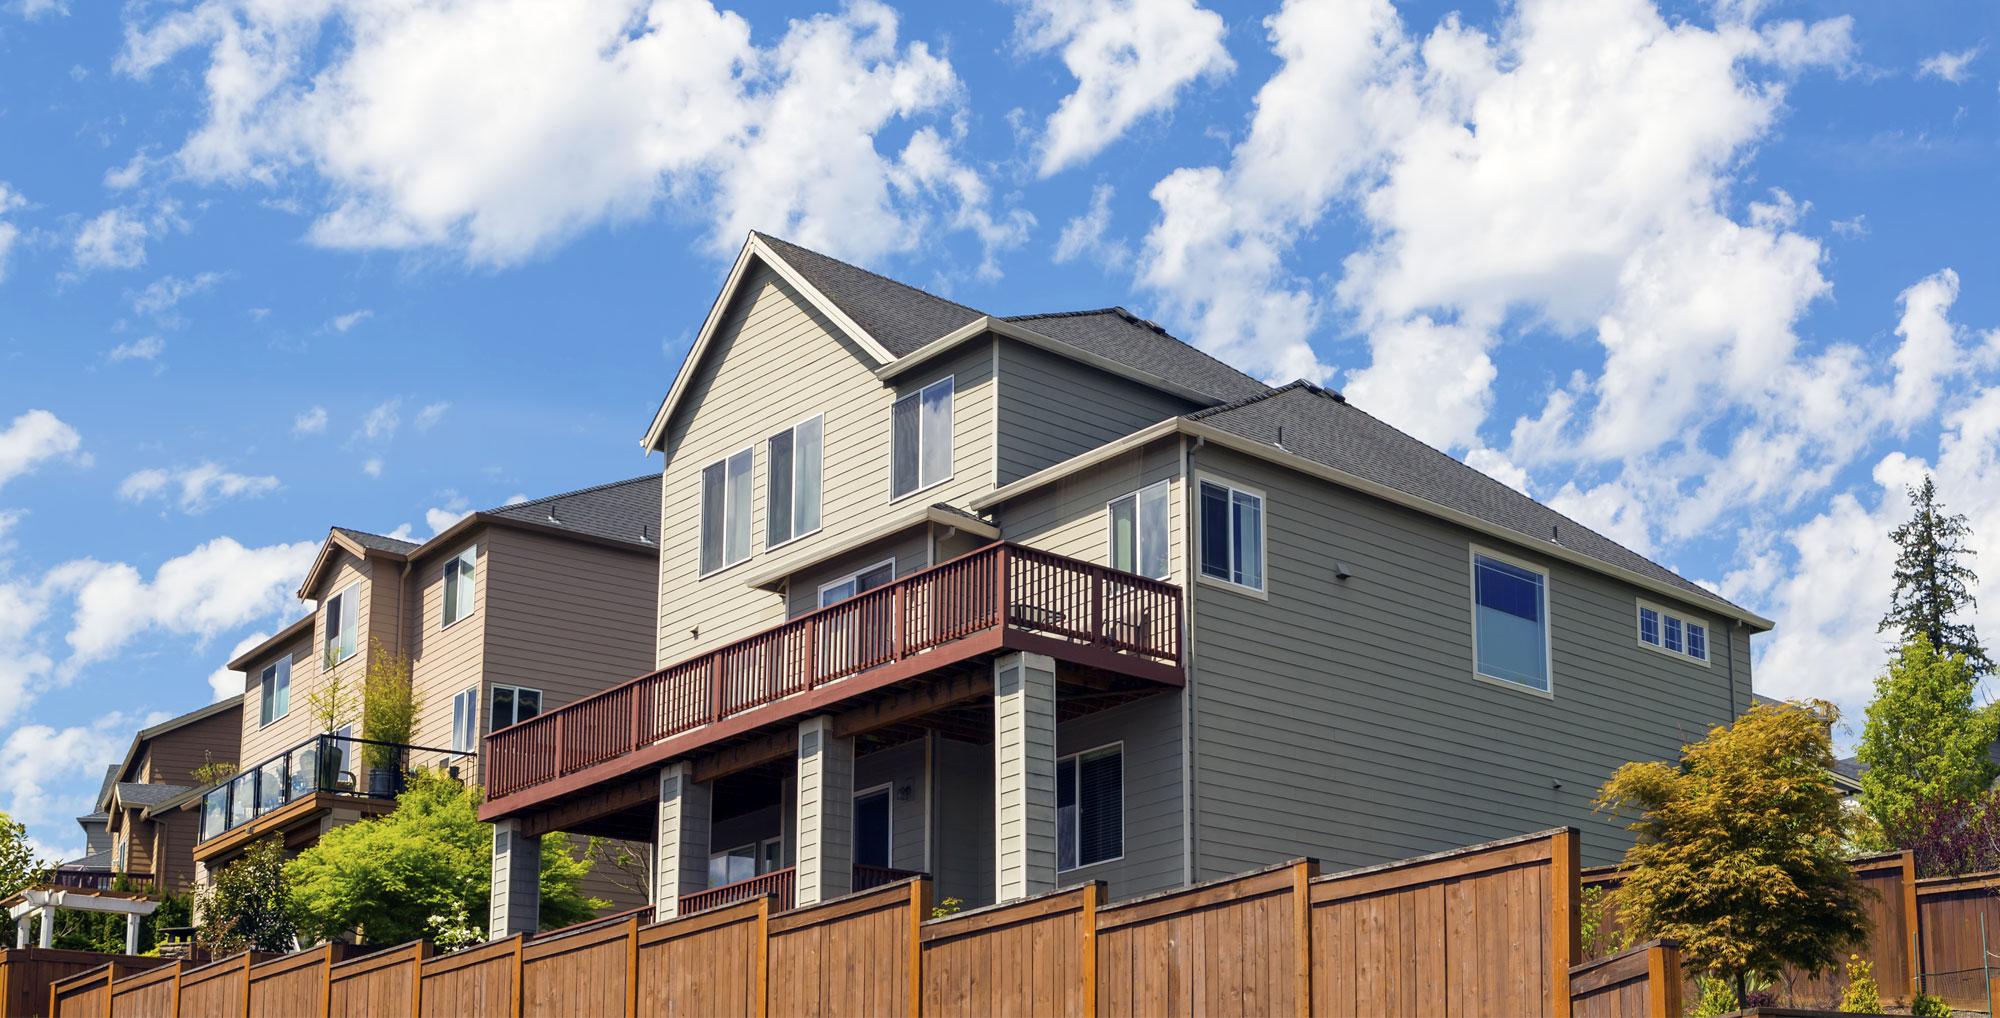 Fullsize Of Seattle Houses For Rent